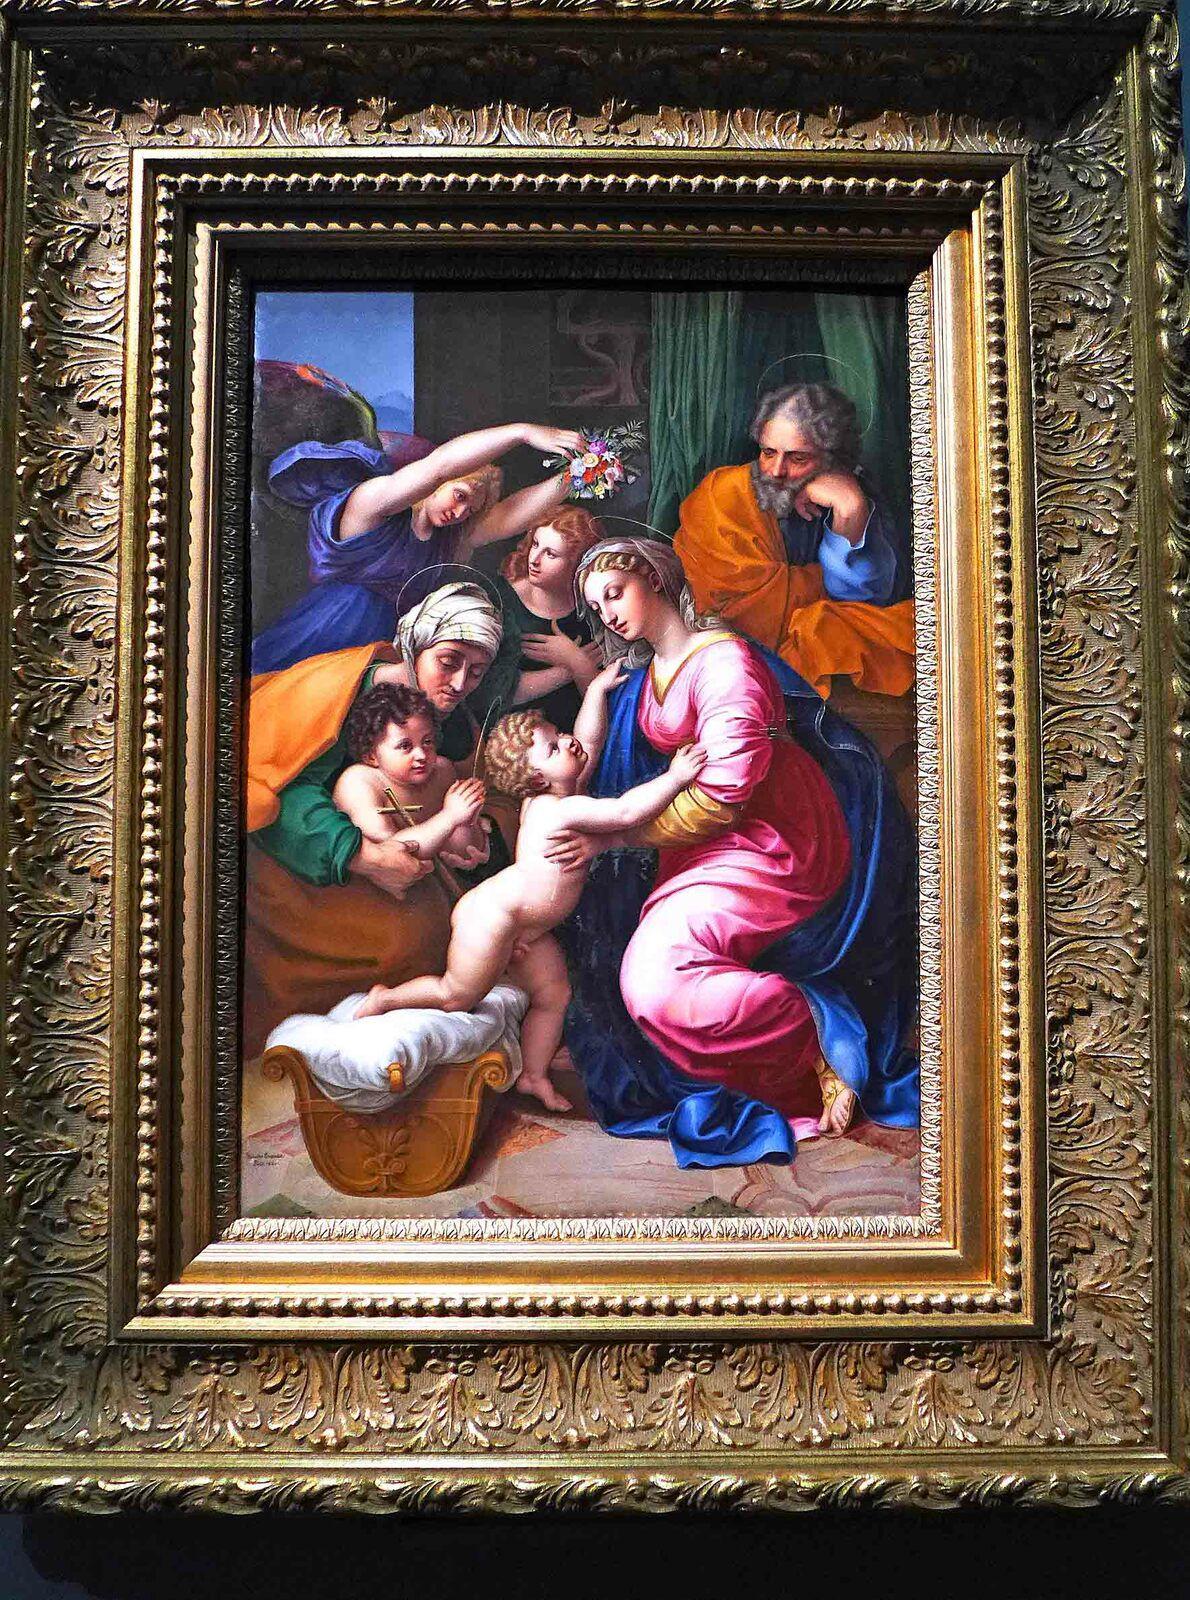 Marie Victoire JAQUOTOT, Corinne au Cap Misène (d'après François Gérard), 1825 / La Sainte Famille (d'après Raphaël), 1822, peinture sur porcelaine. France, manufacture de Sèvres.